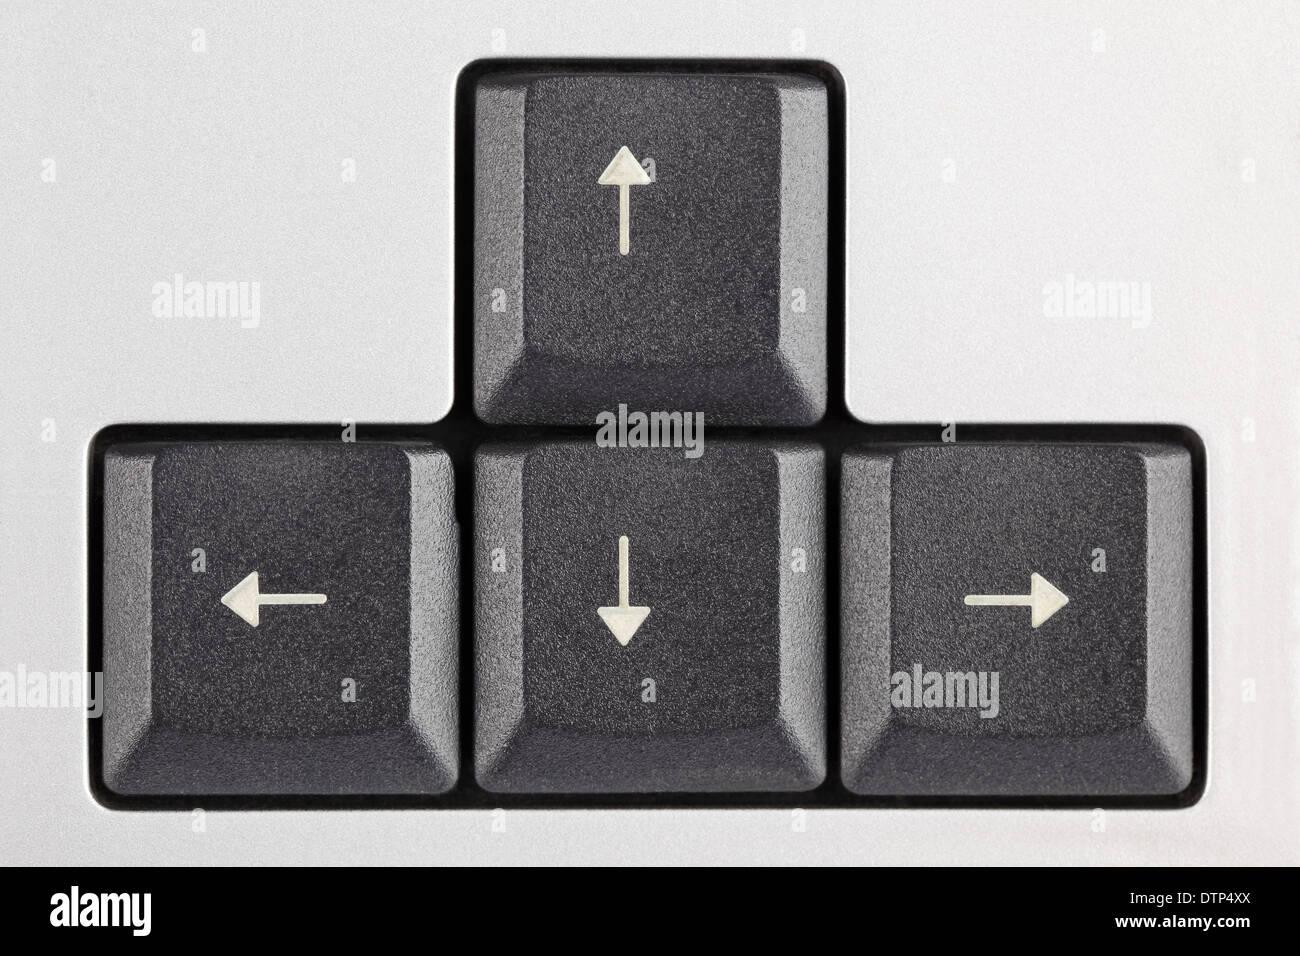 Arrow Keys On Keyboard Stock Photo 66869682 Alamy